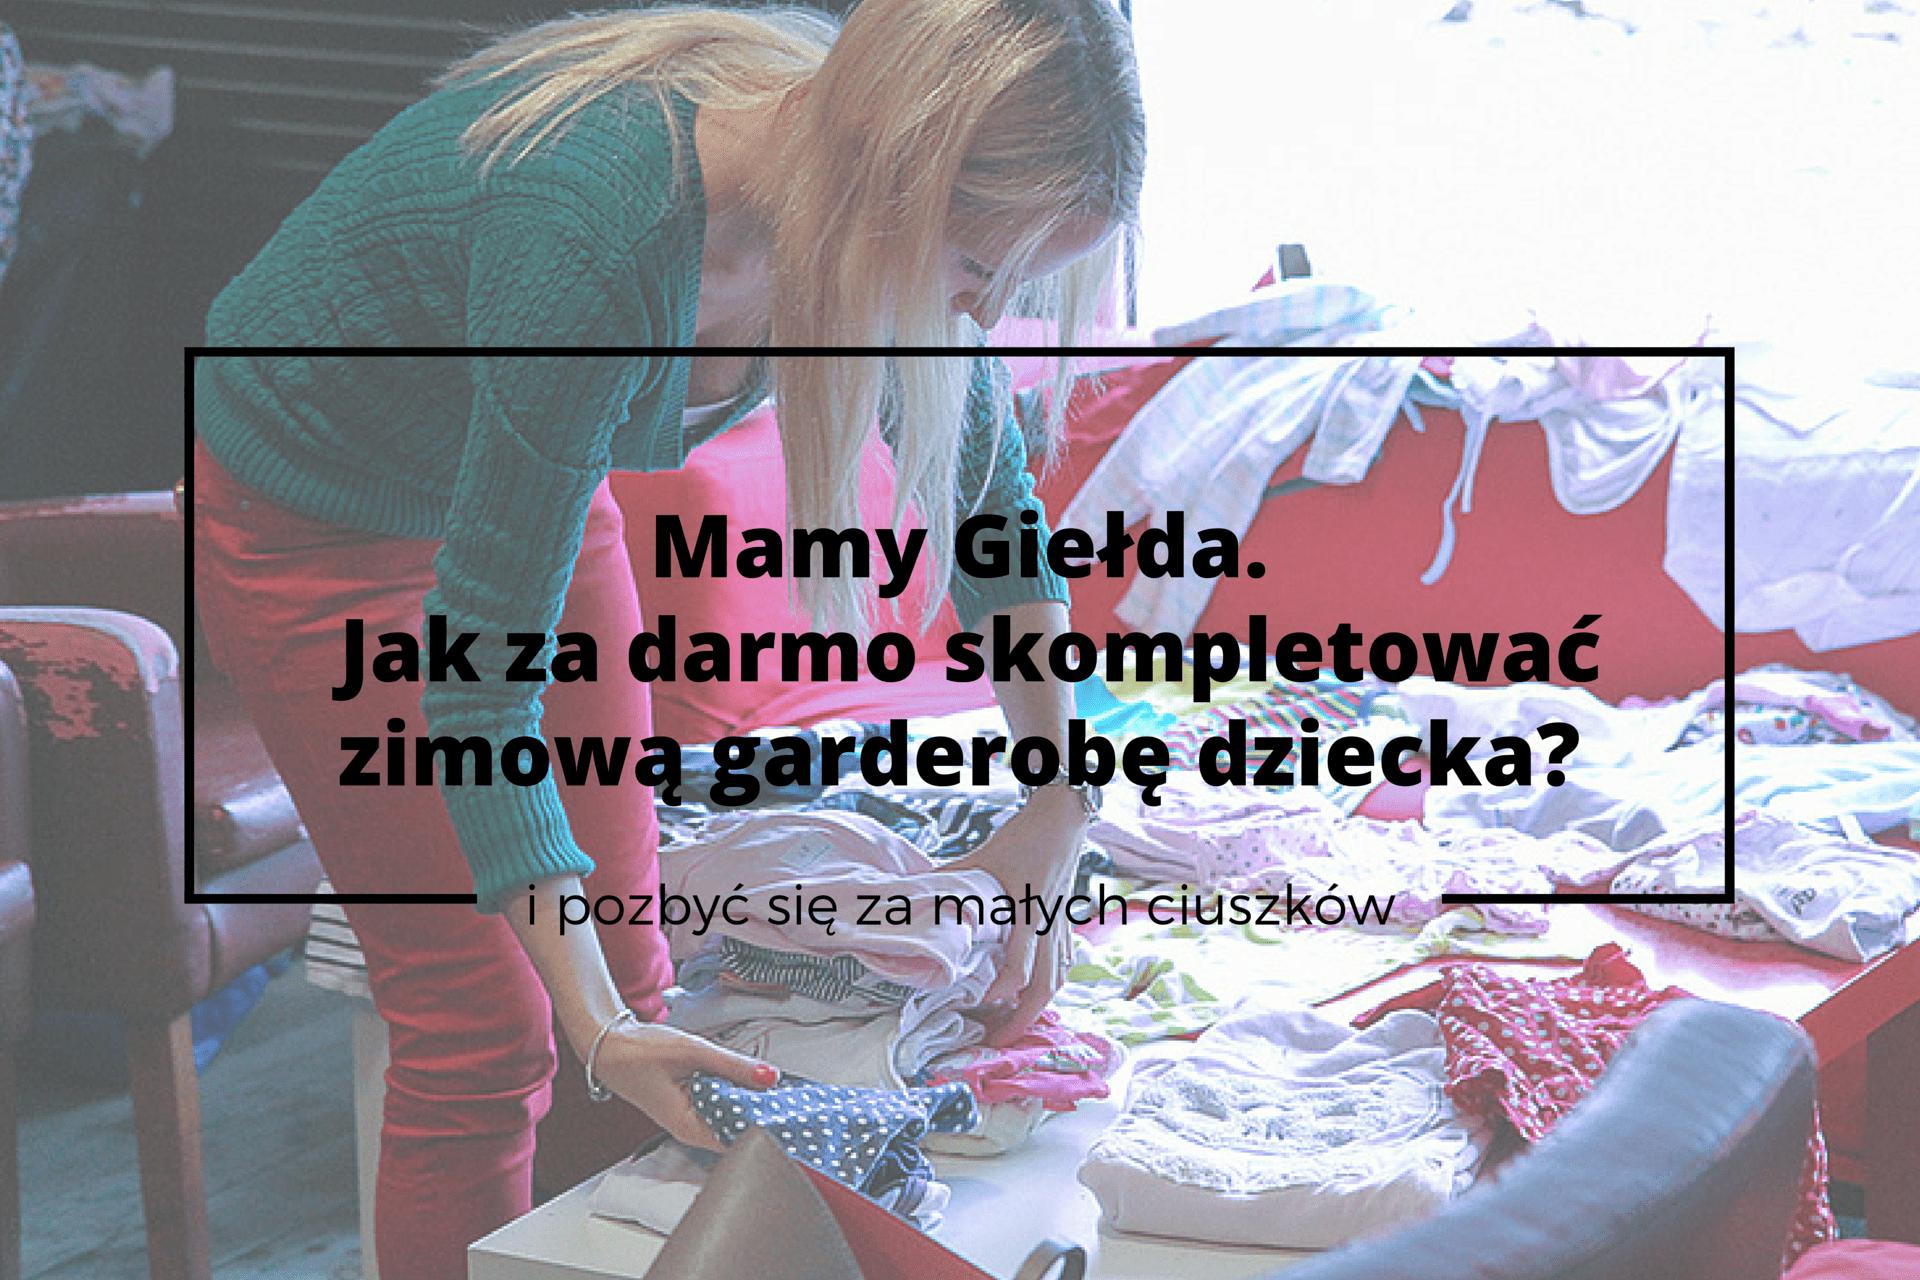 Mamy Giełda. Jak za darmo skompletować zimową garderobę dziecka- (2)